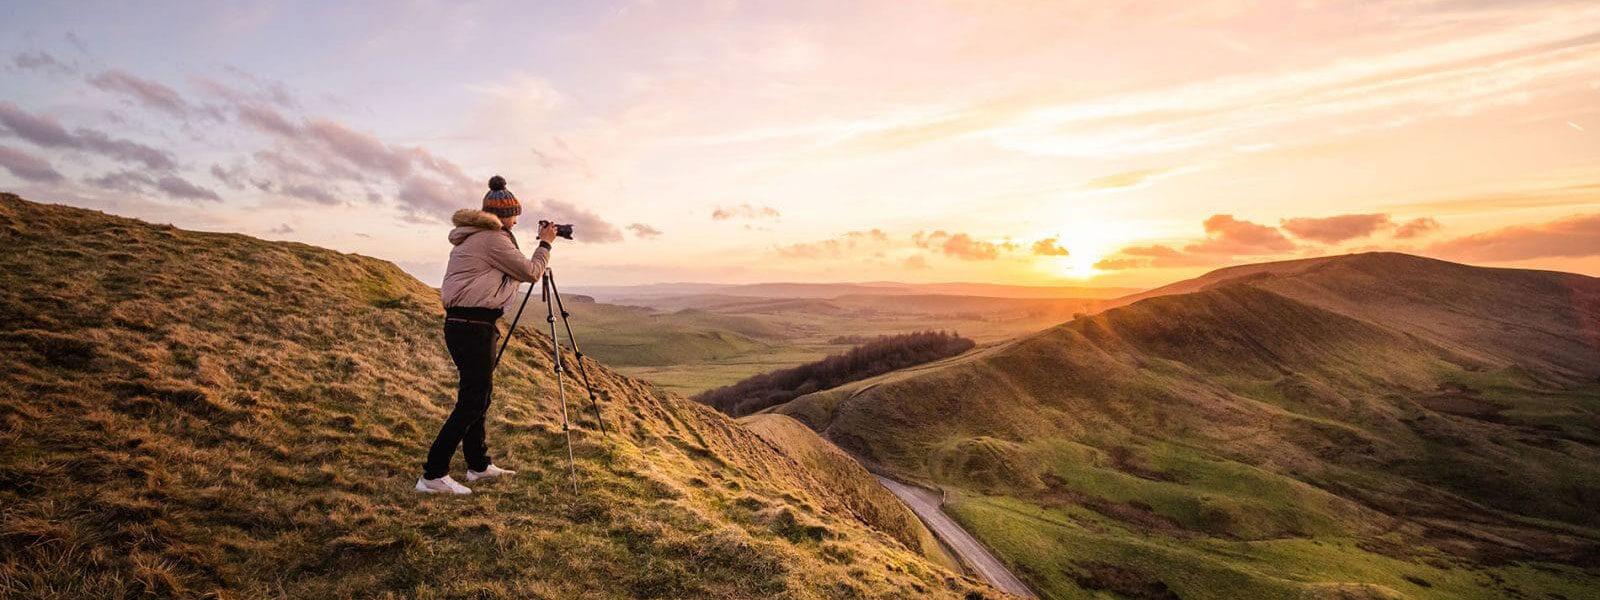 عکس بنر مقاله اهمیت استفاده از مقیاس در عکاسی منظره